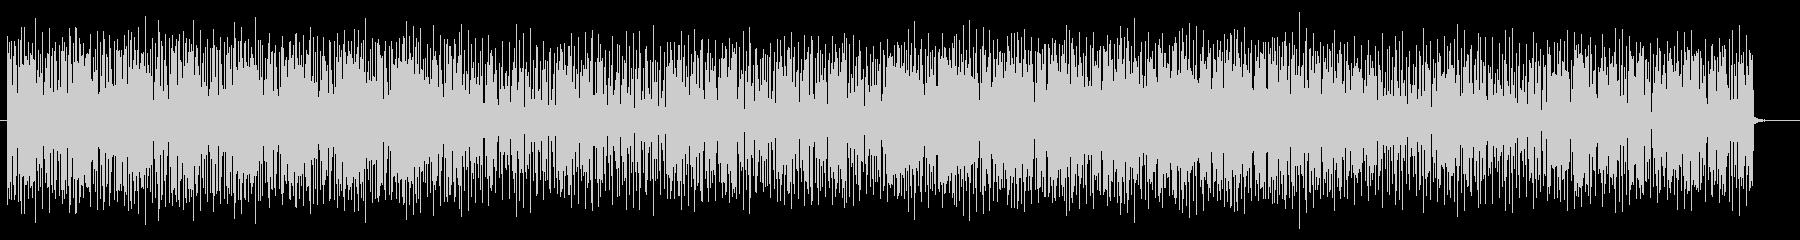 リズミカルなヒップホップ系テクノポップの未再生の波形